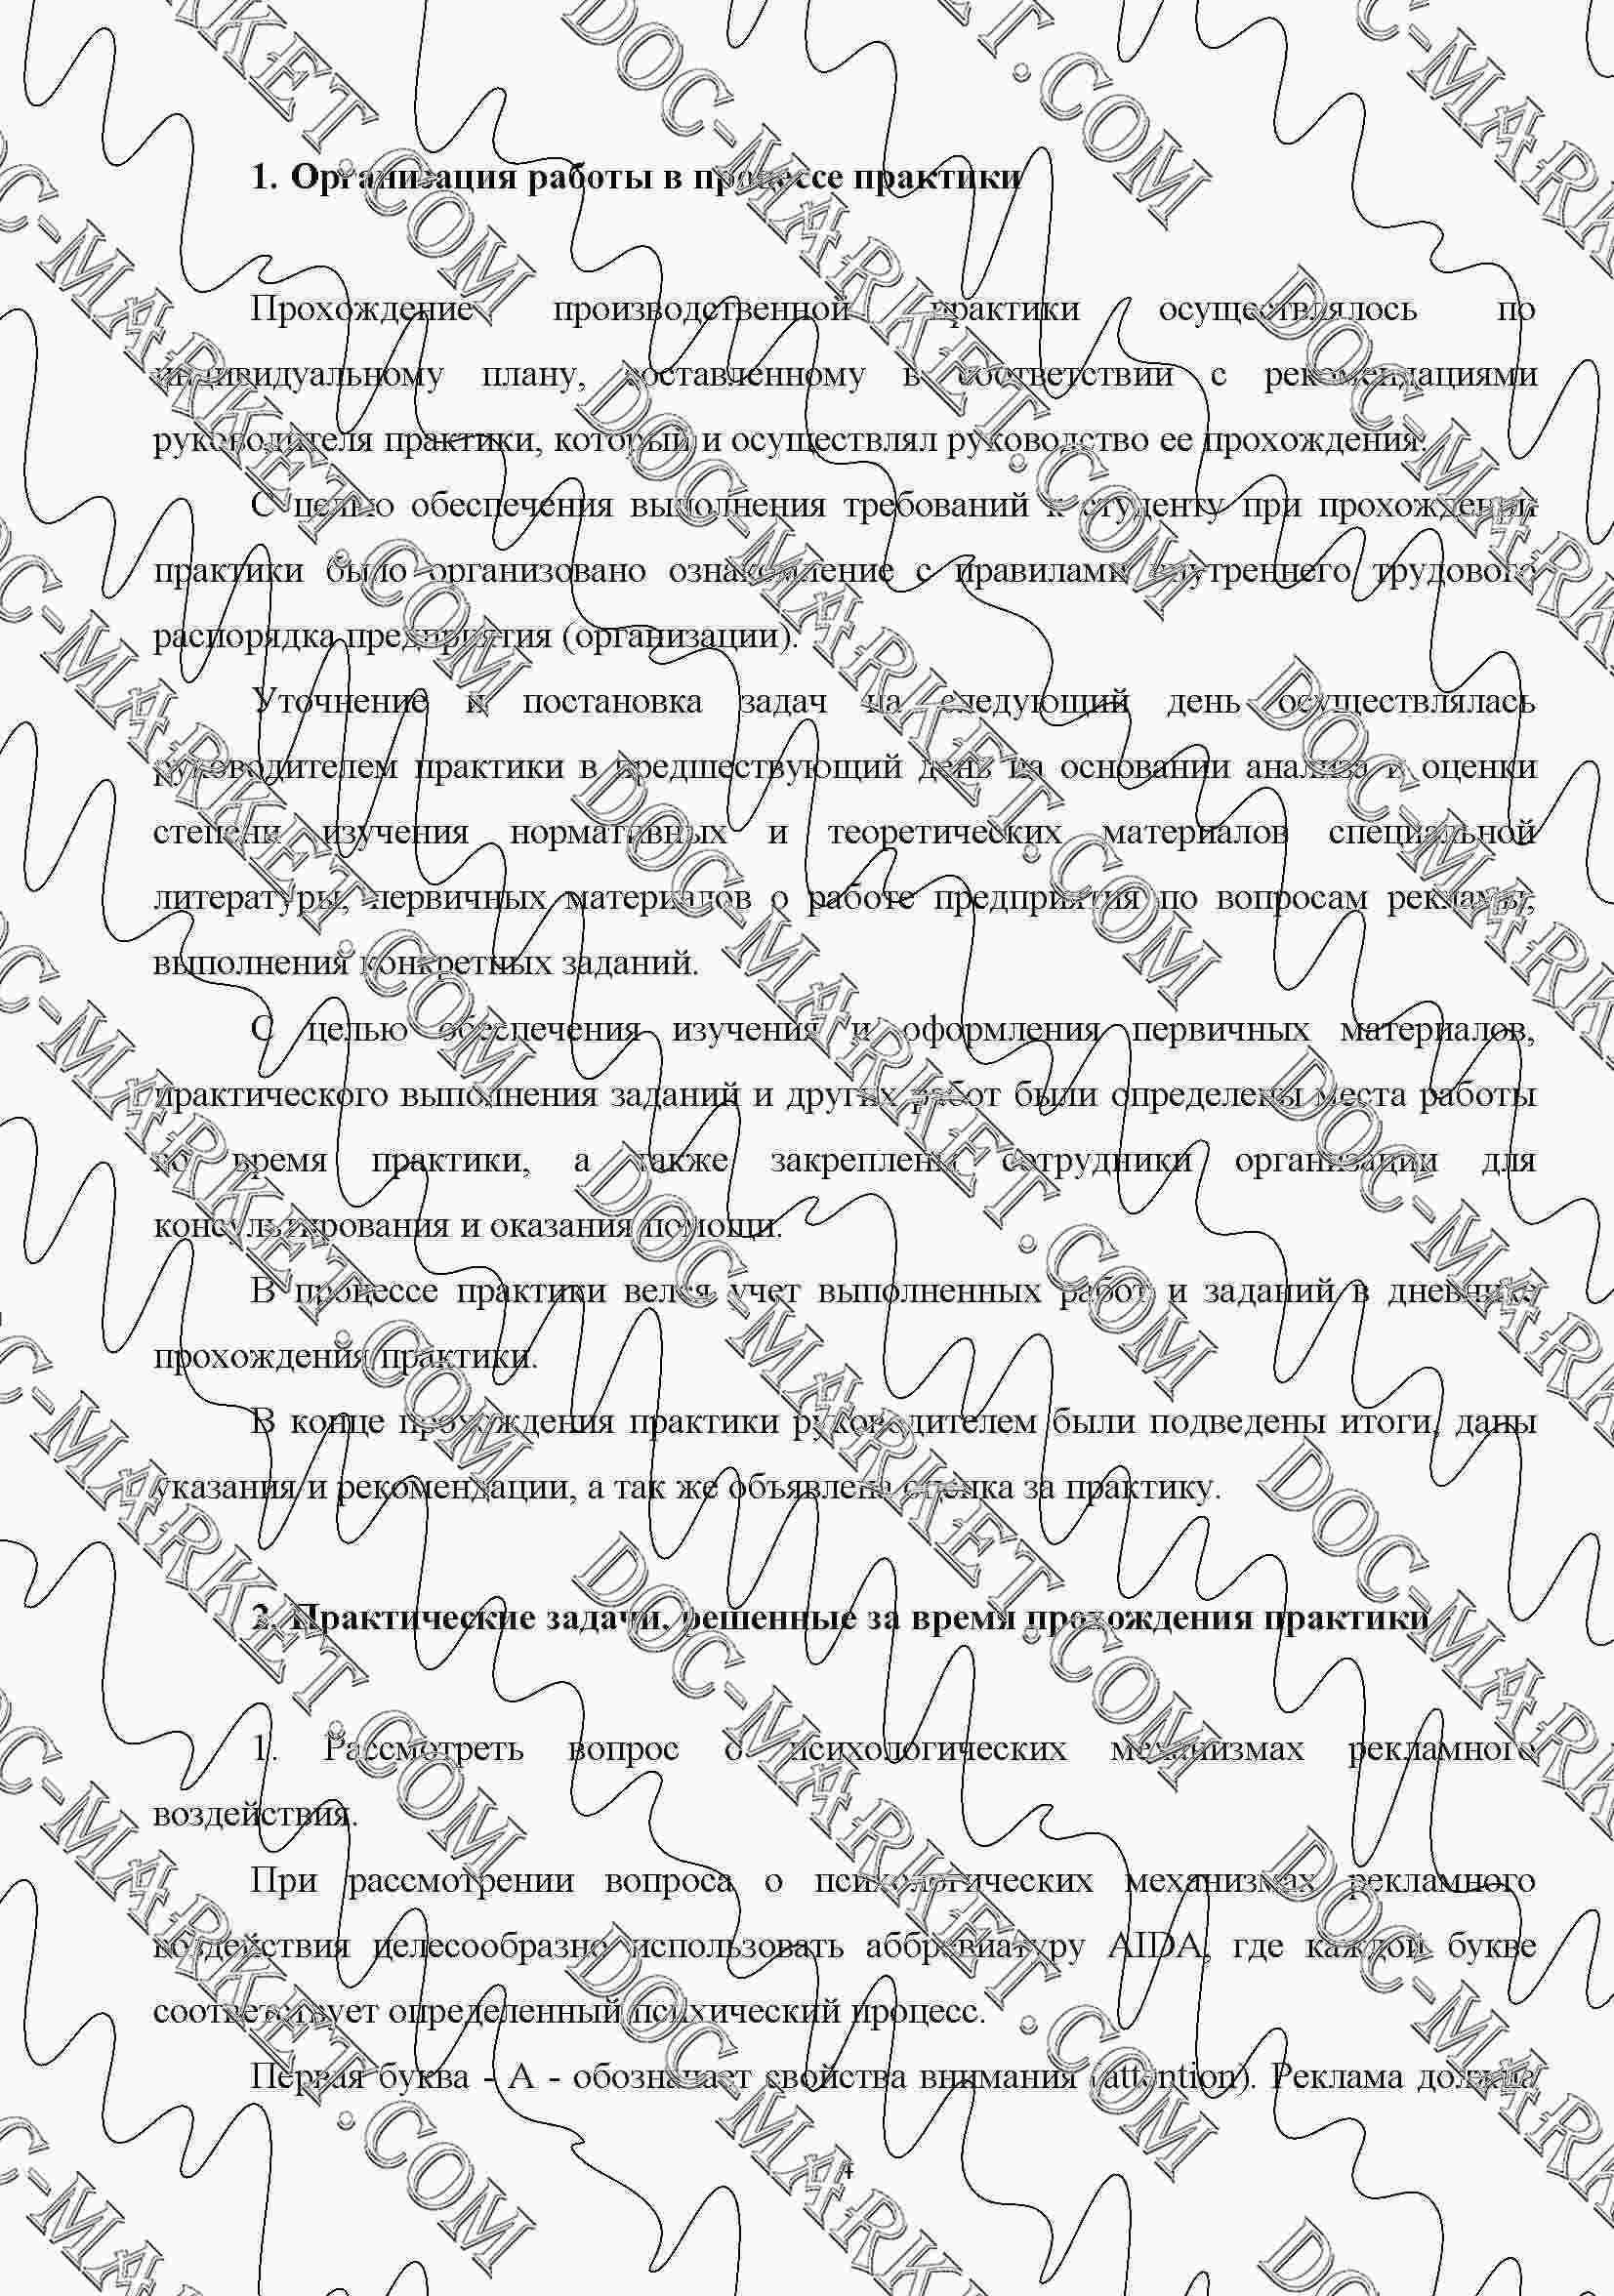 Другая Отчет по Производственной практике Экспериментальное  отчёт по производственной практике в рекламном агентстве чита